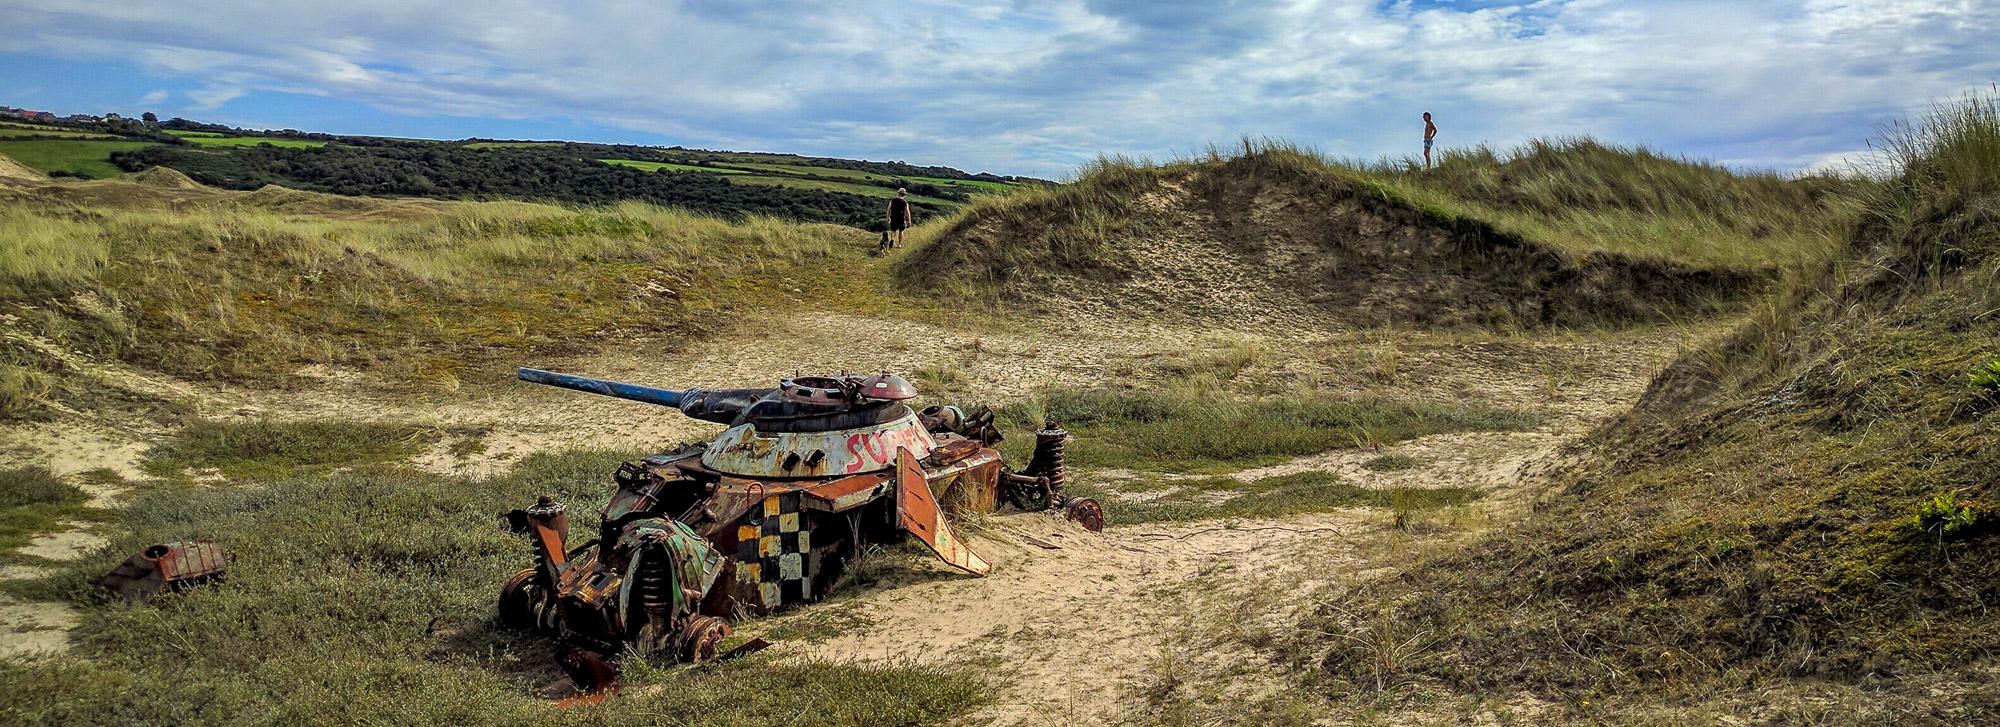 Reisebericht Normandie mit dem Wohnmobil